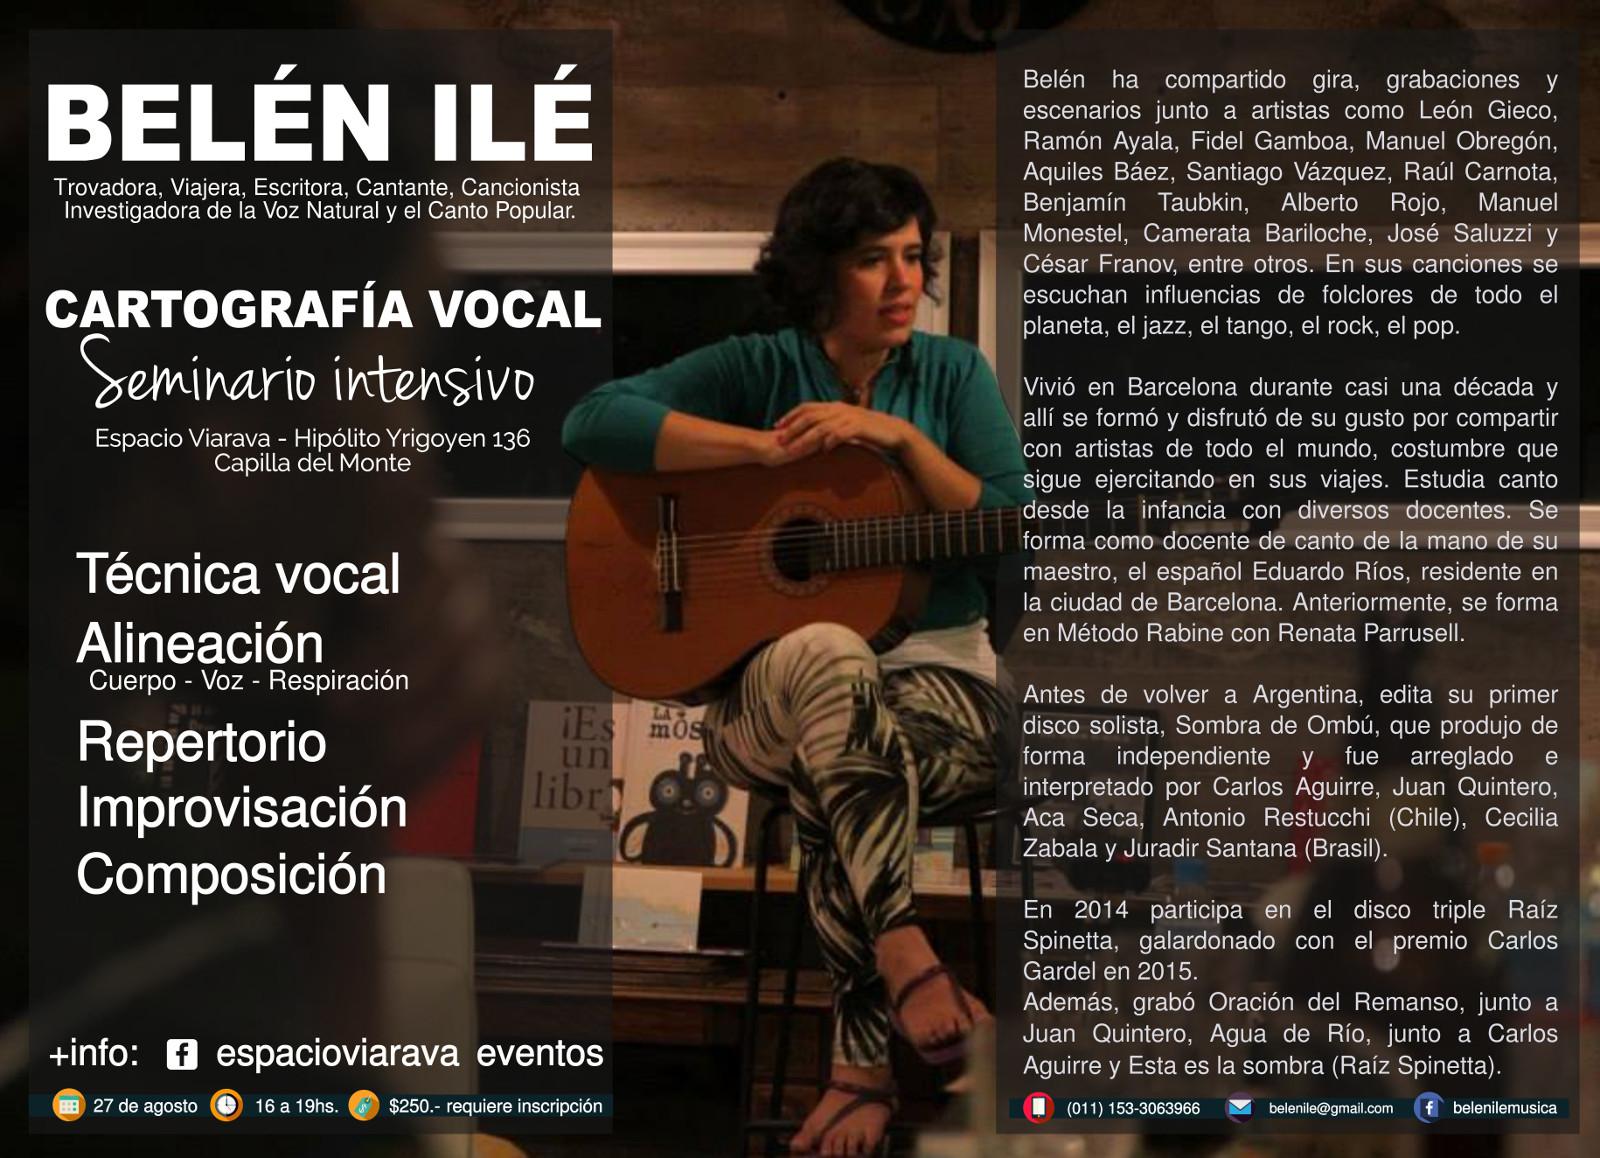 Belen Ile afiche cartografía vocal con biografia comp